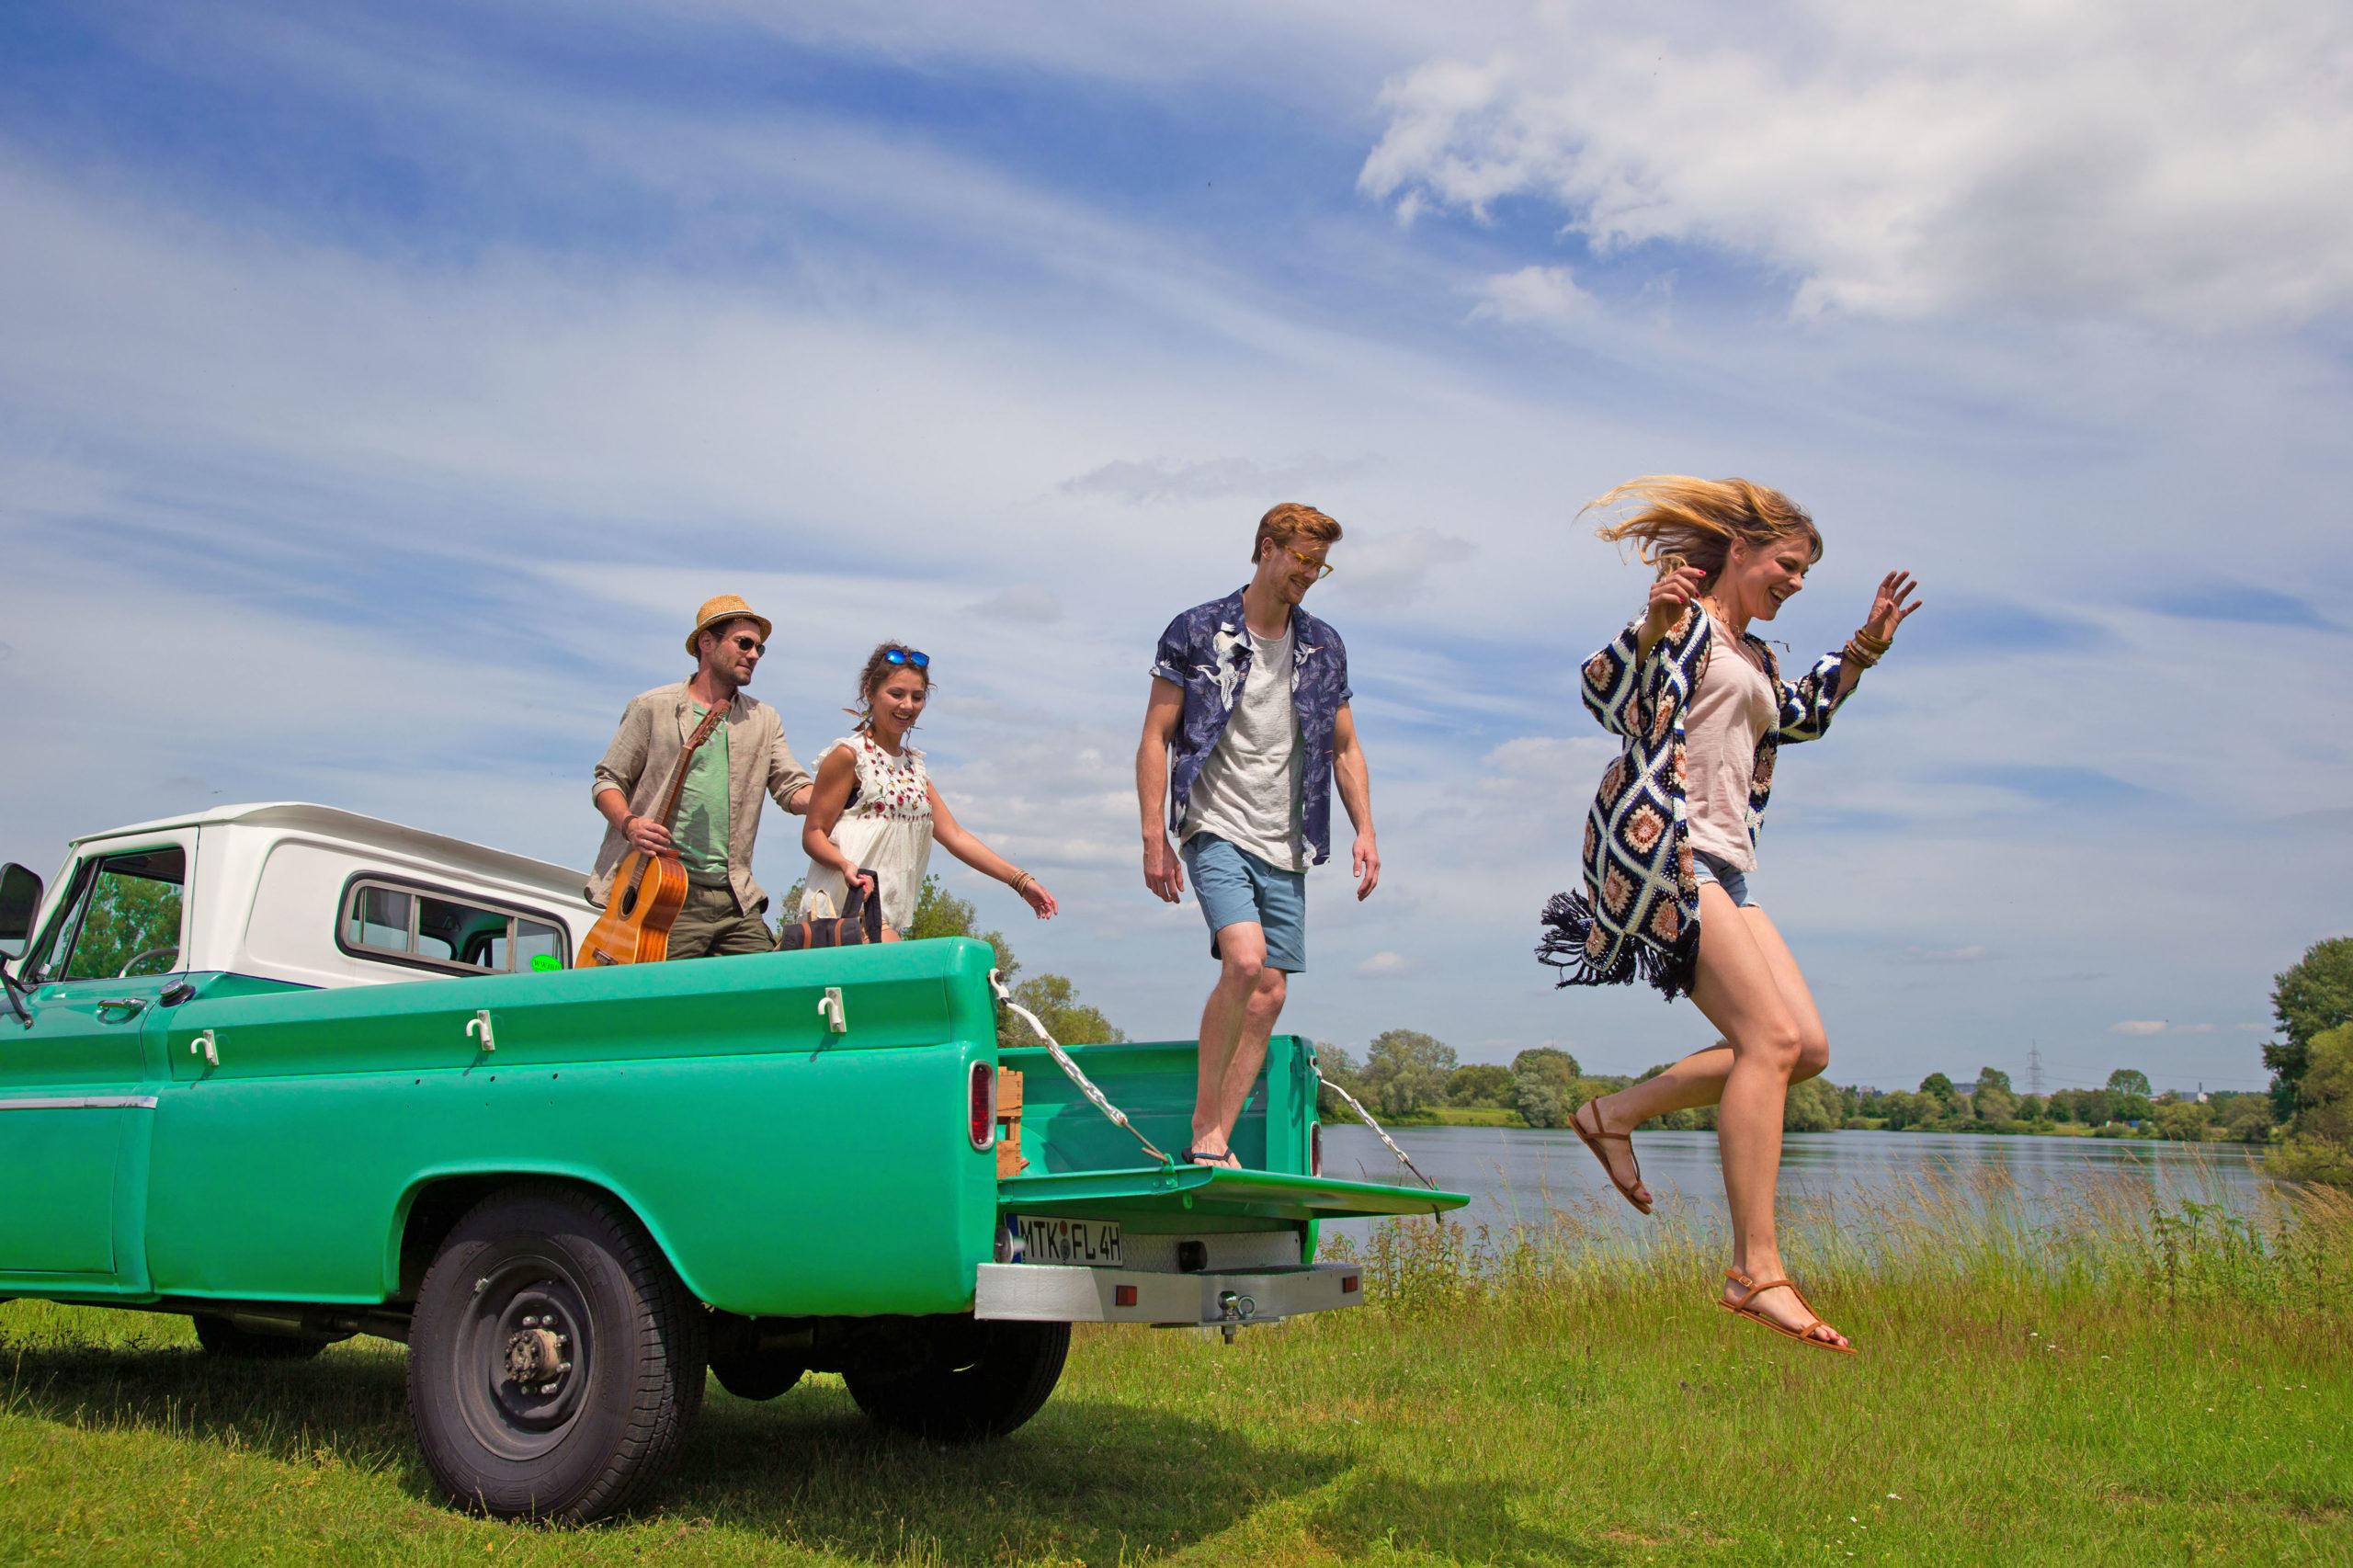 Gruppe junger Menschen springt vom Pickup - Innenraumfilter der Autoklimaanlage